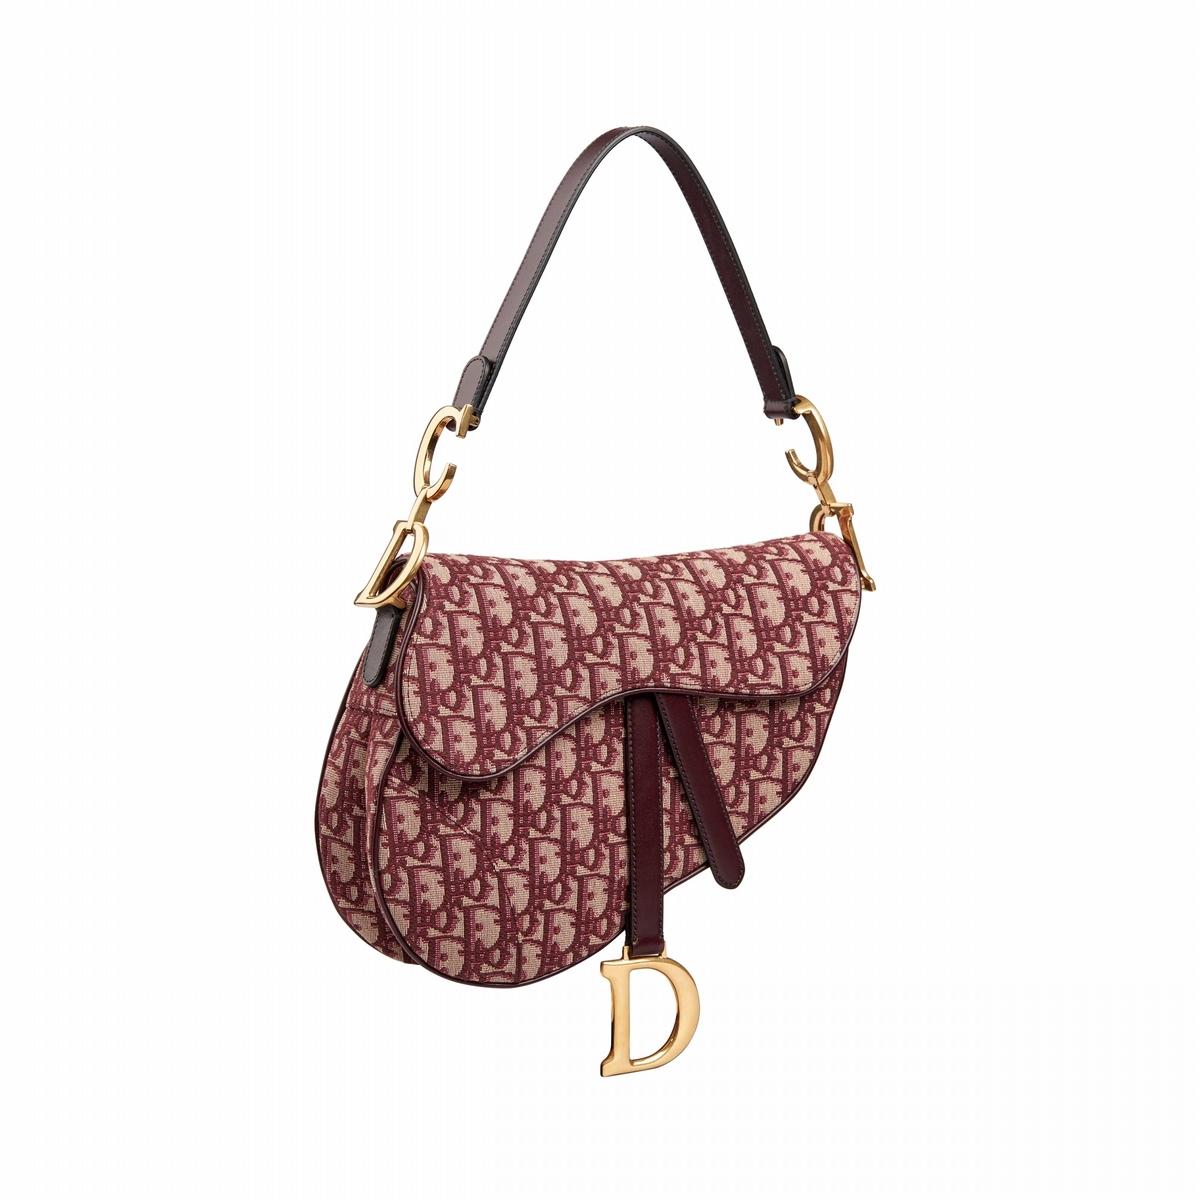 去年紅到今年、明星最愛It Bag!過年串門,到底應該背什麼包?